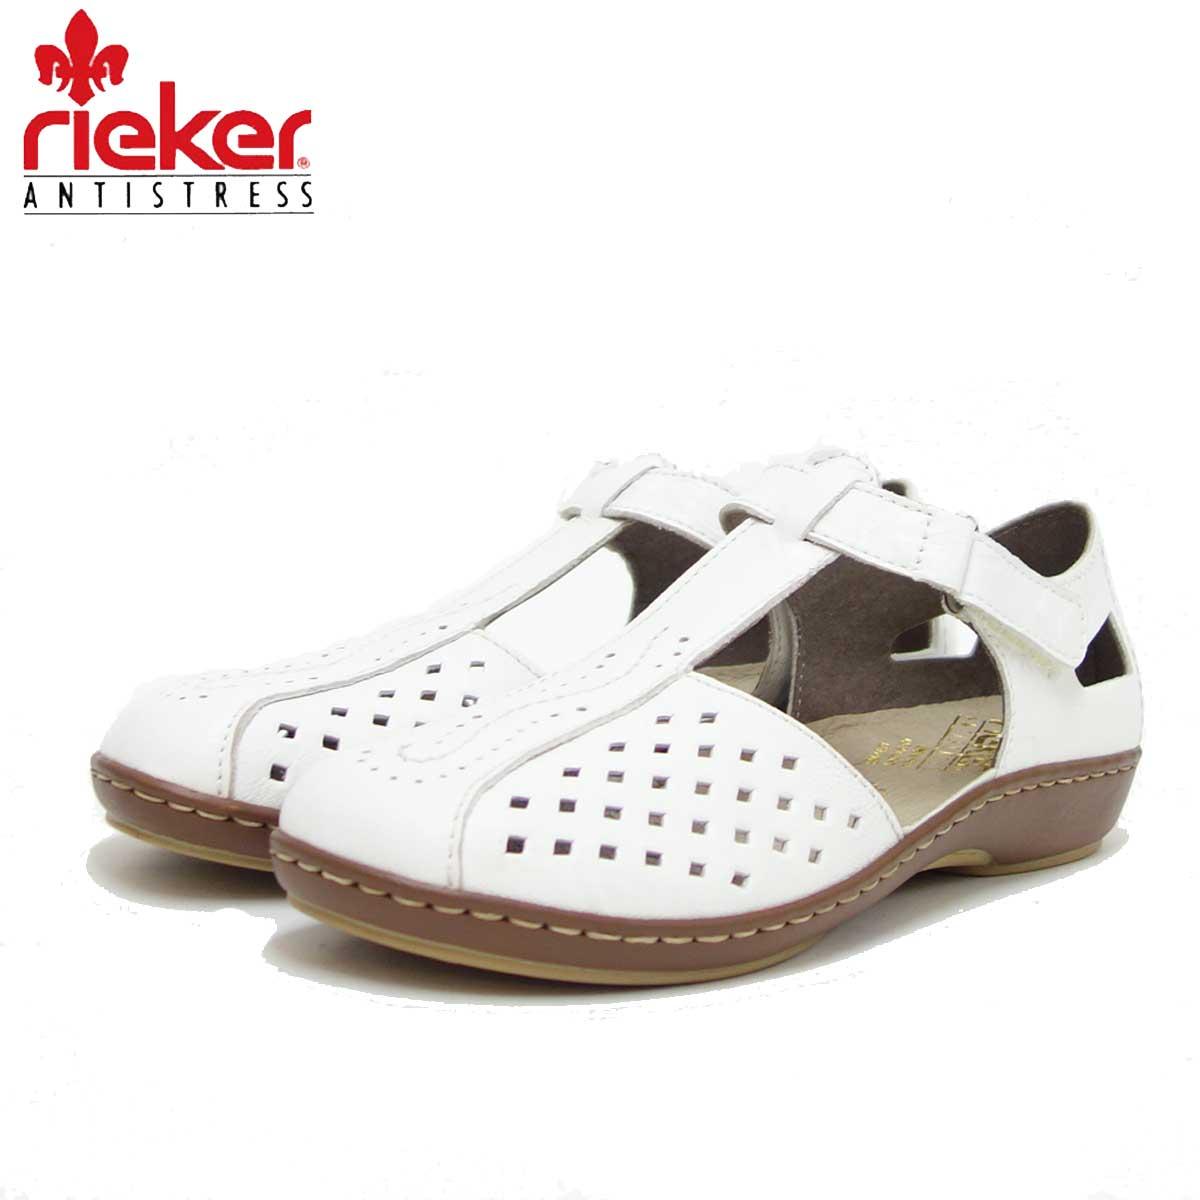 rieker リーカー 45866 80 ホワイト (レディース) クッション性の良いお洒落Tストラップシューズ 「靴」